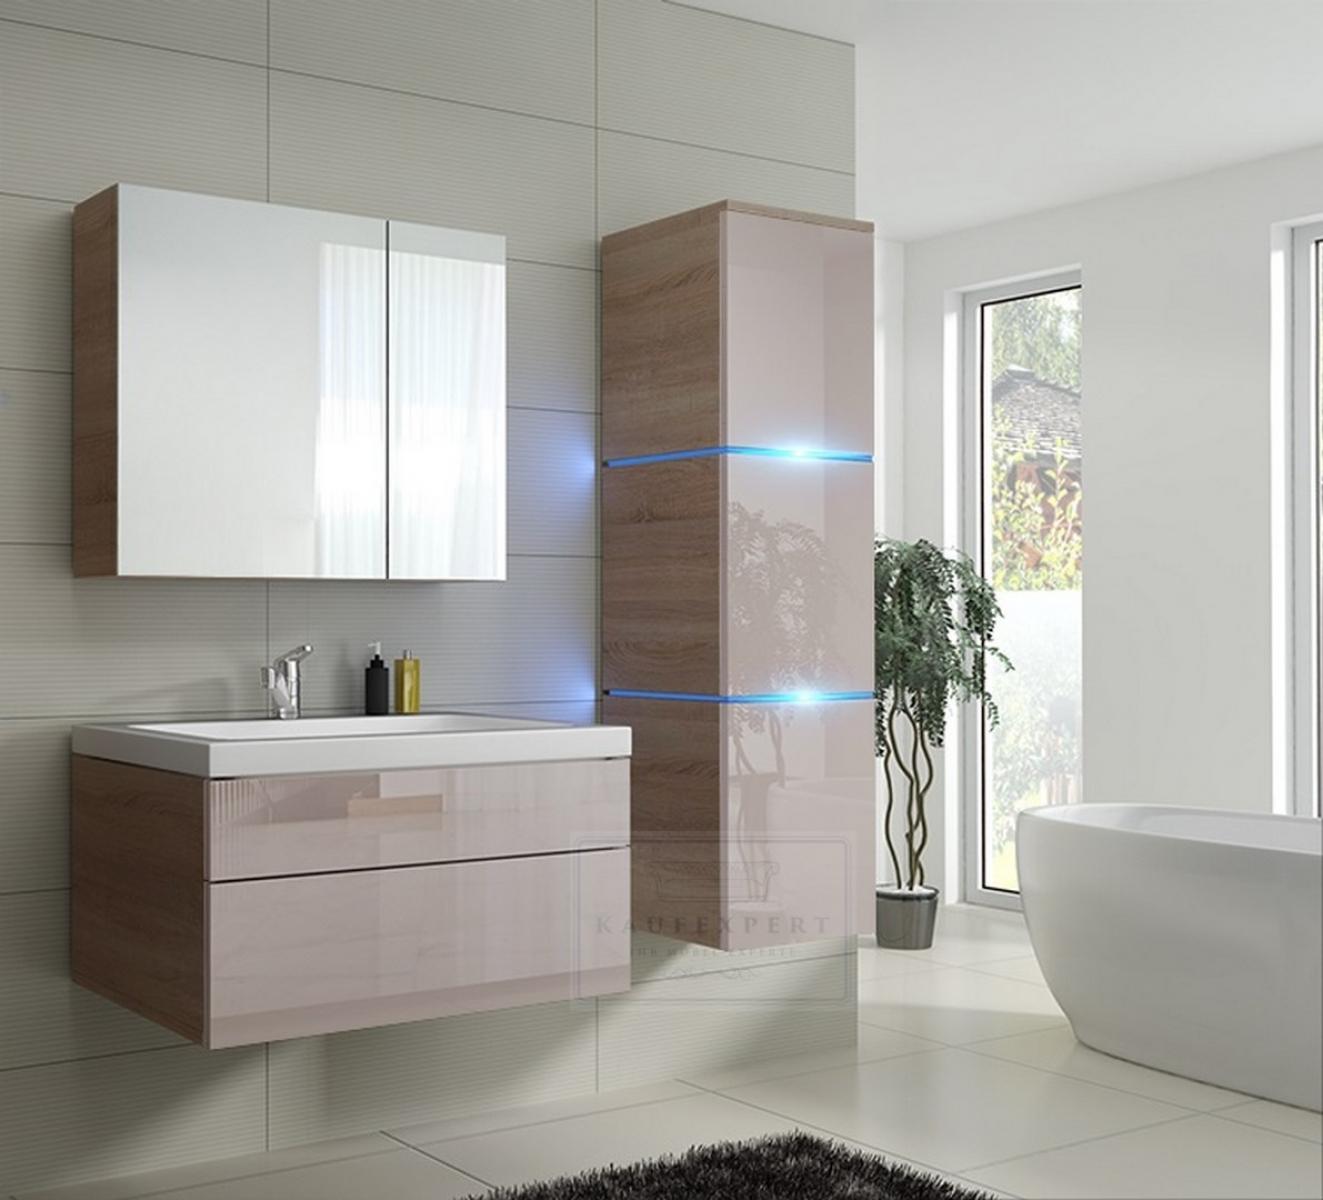 Badezimmermobel Waschbecken.Kaufexpert Badmobel Set Lux 1 New Cappuccino Hochglanz Sonoma